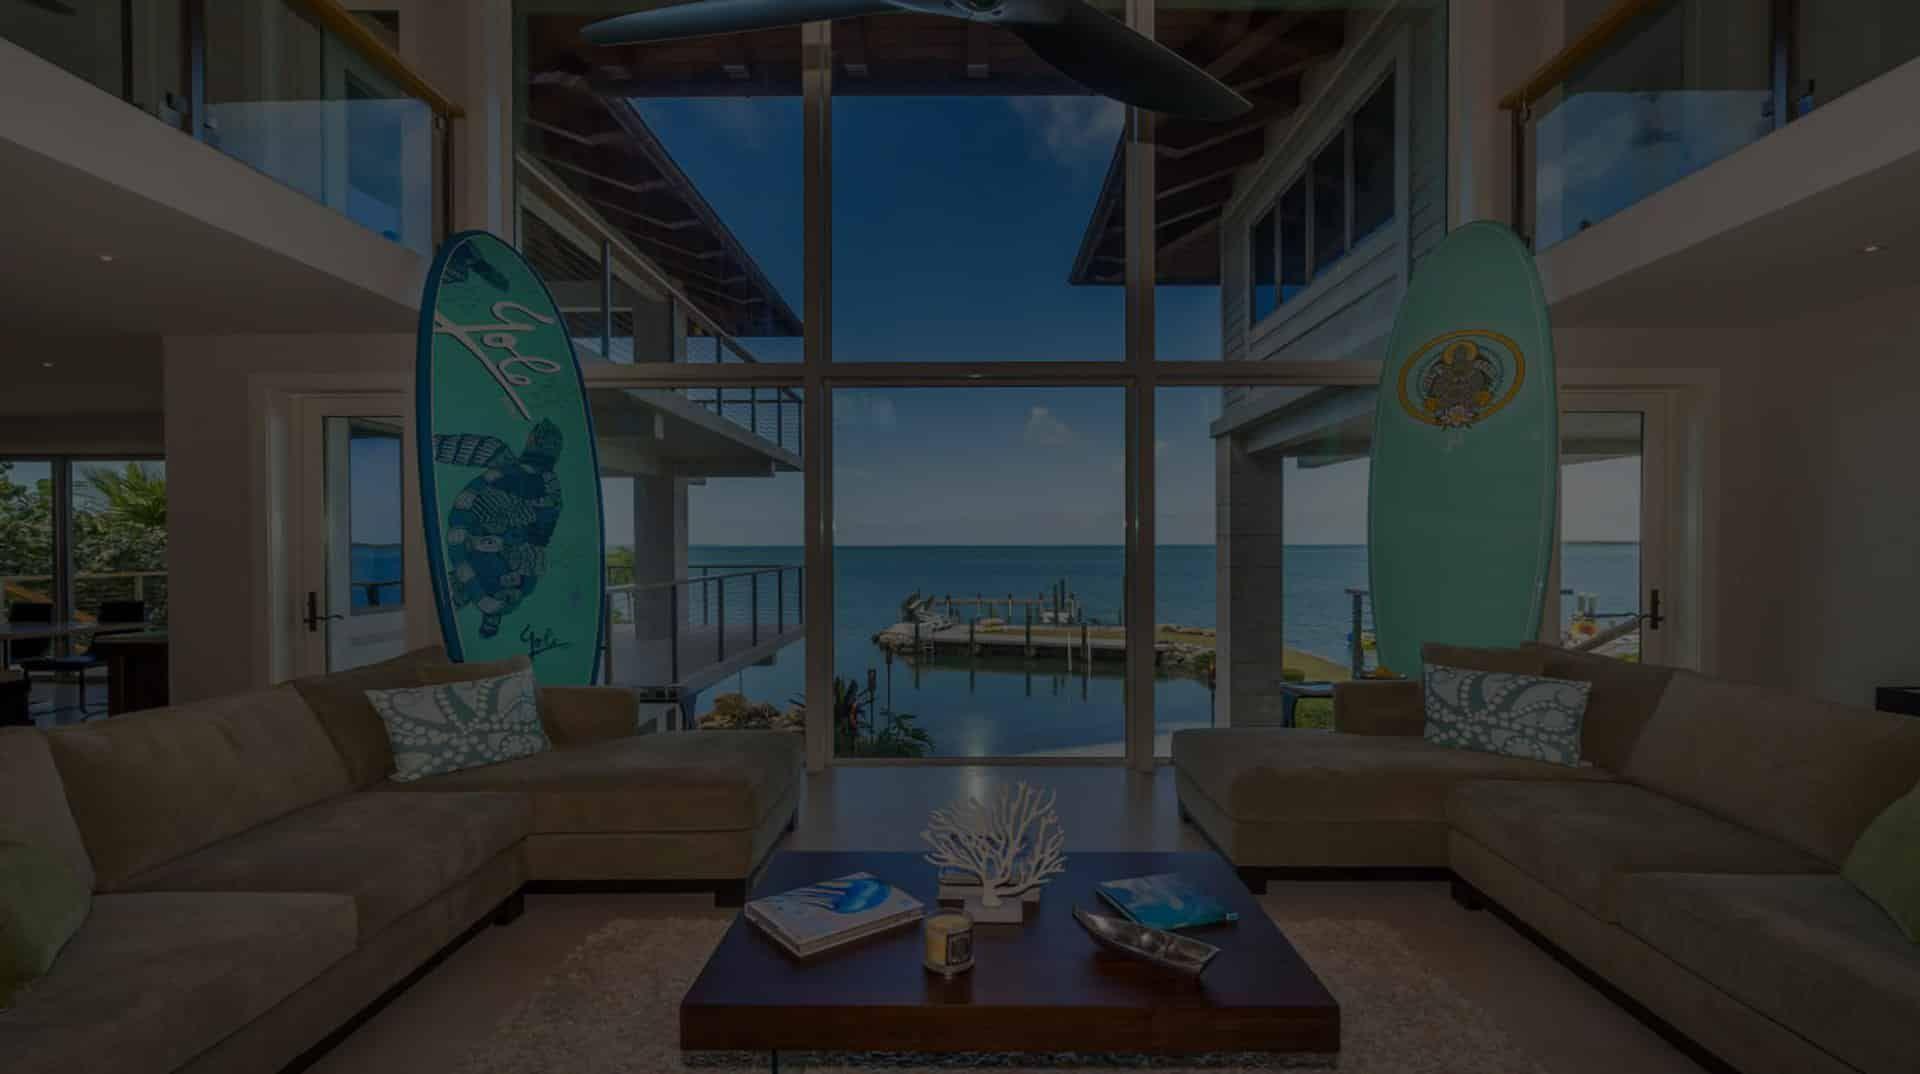 Florida Keys Mortgage, Mortgage for Florida Keys, The Florida Keys Mortgage